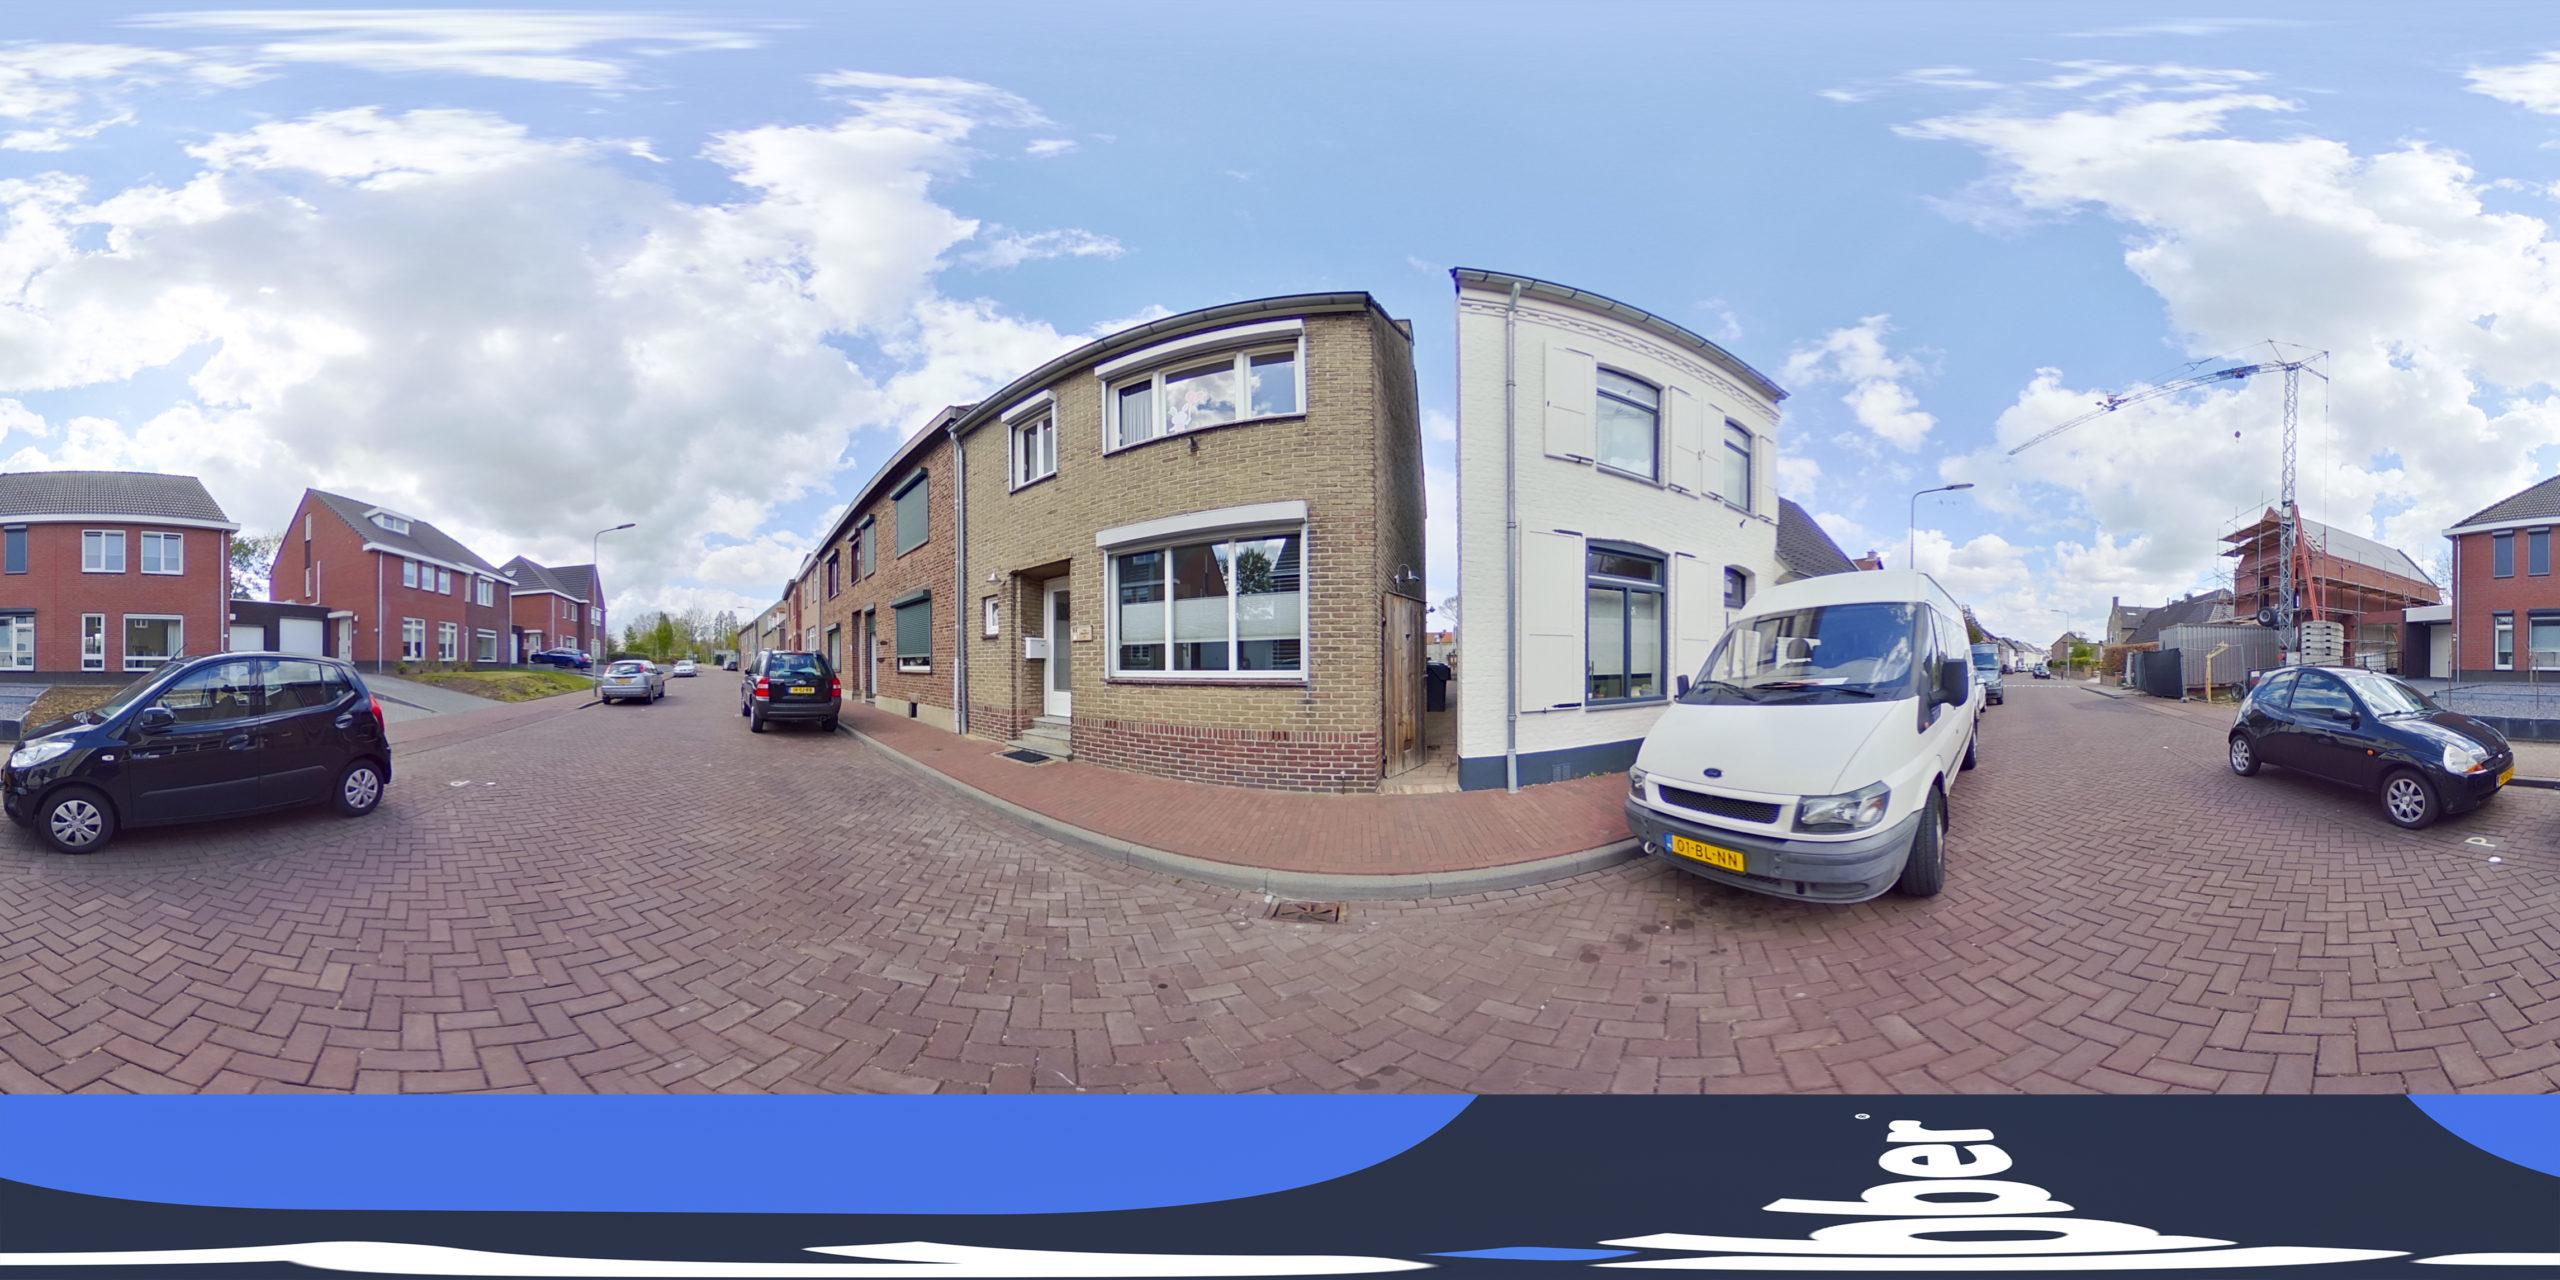 4000_Spoorstraat94Geleen-360-01